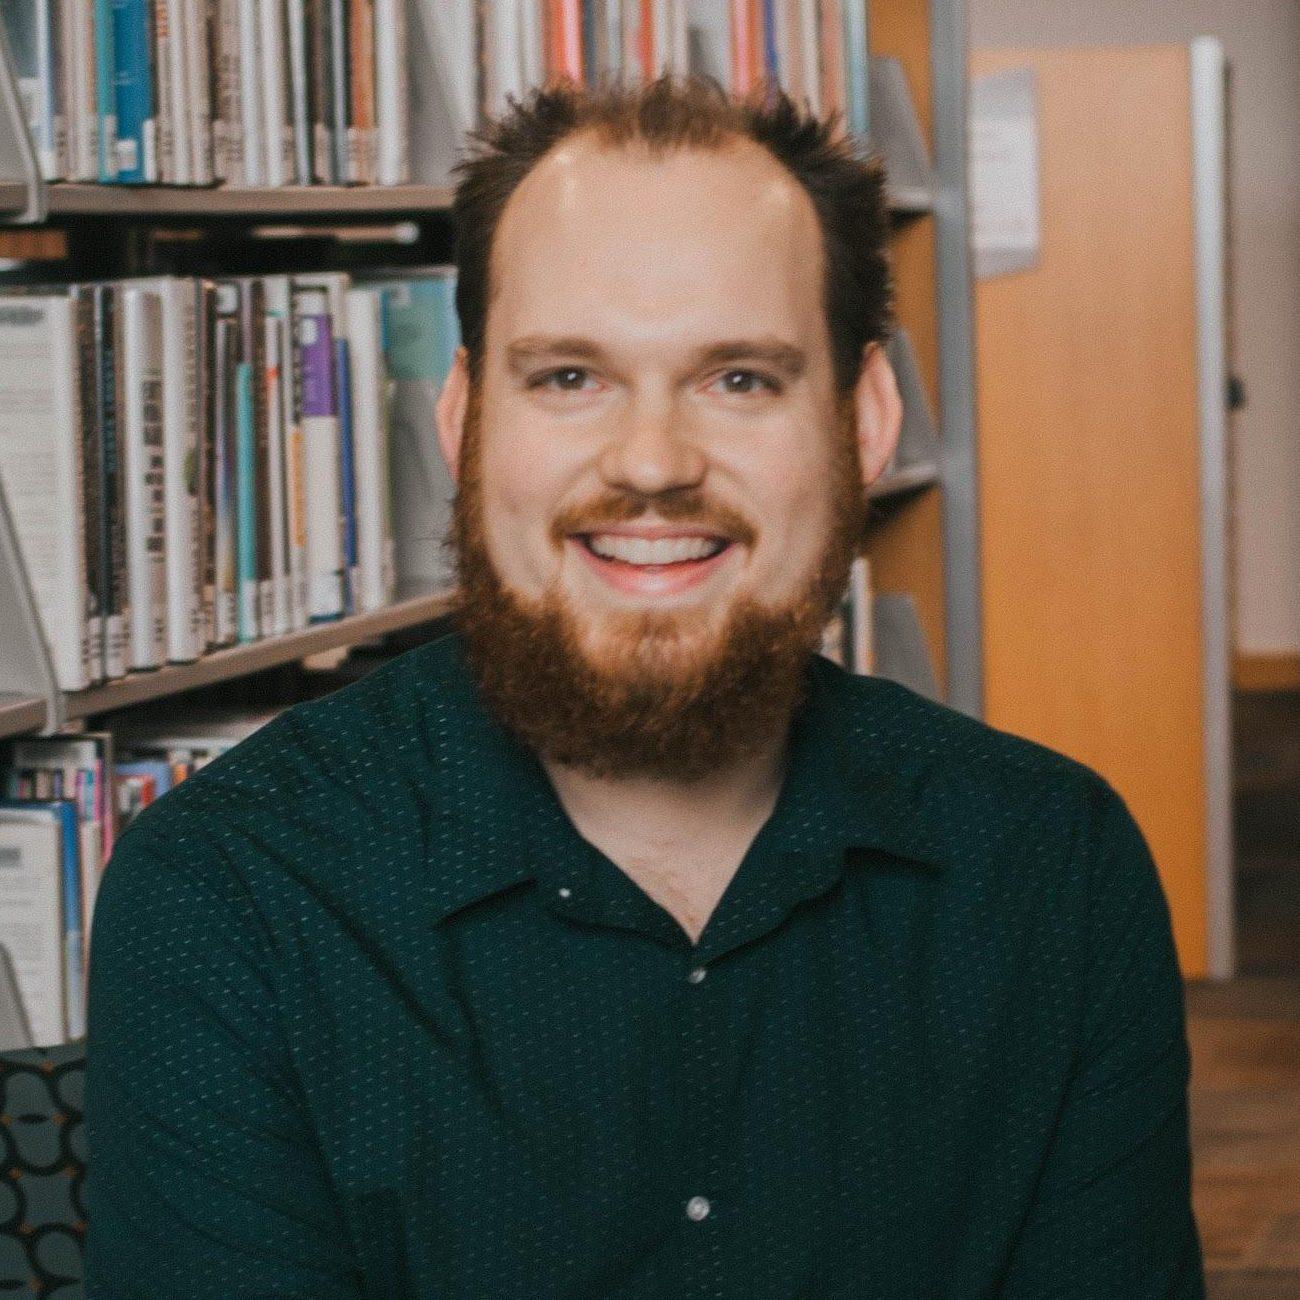 Headshot of Joshua Lisec